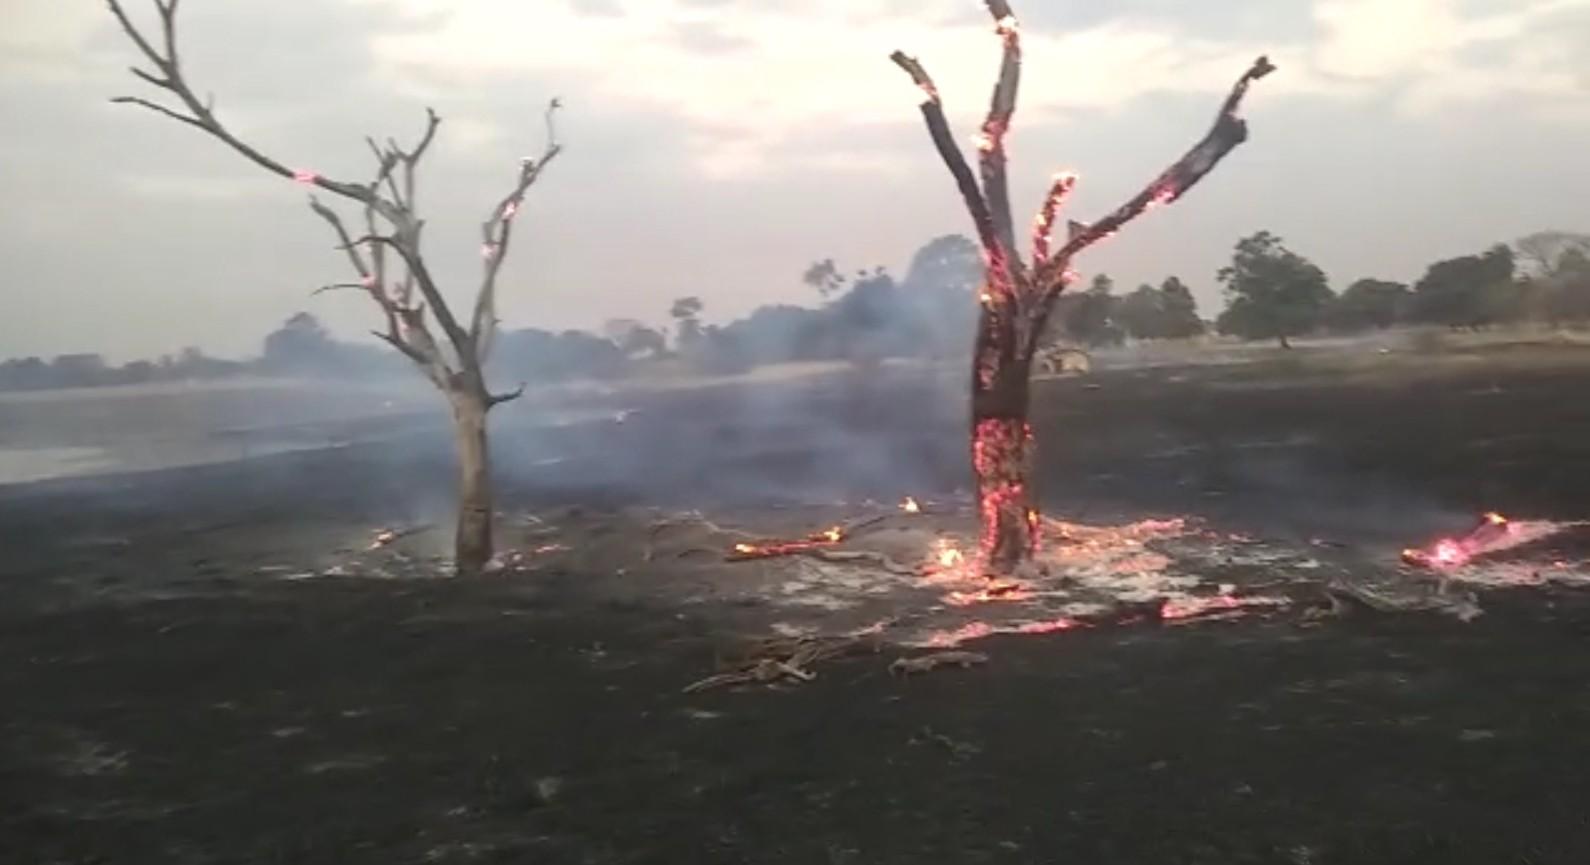 Bombeiros combatem queimadas em cidades da região noroeste paulista